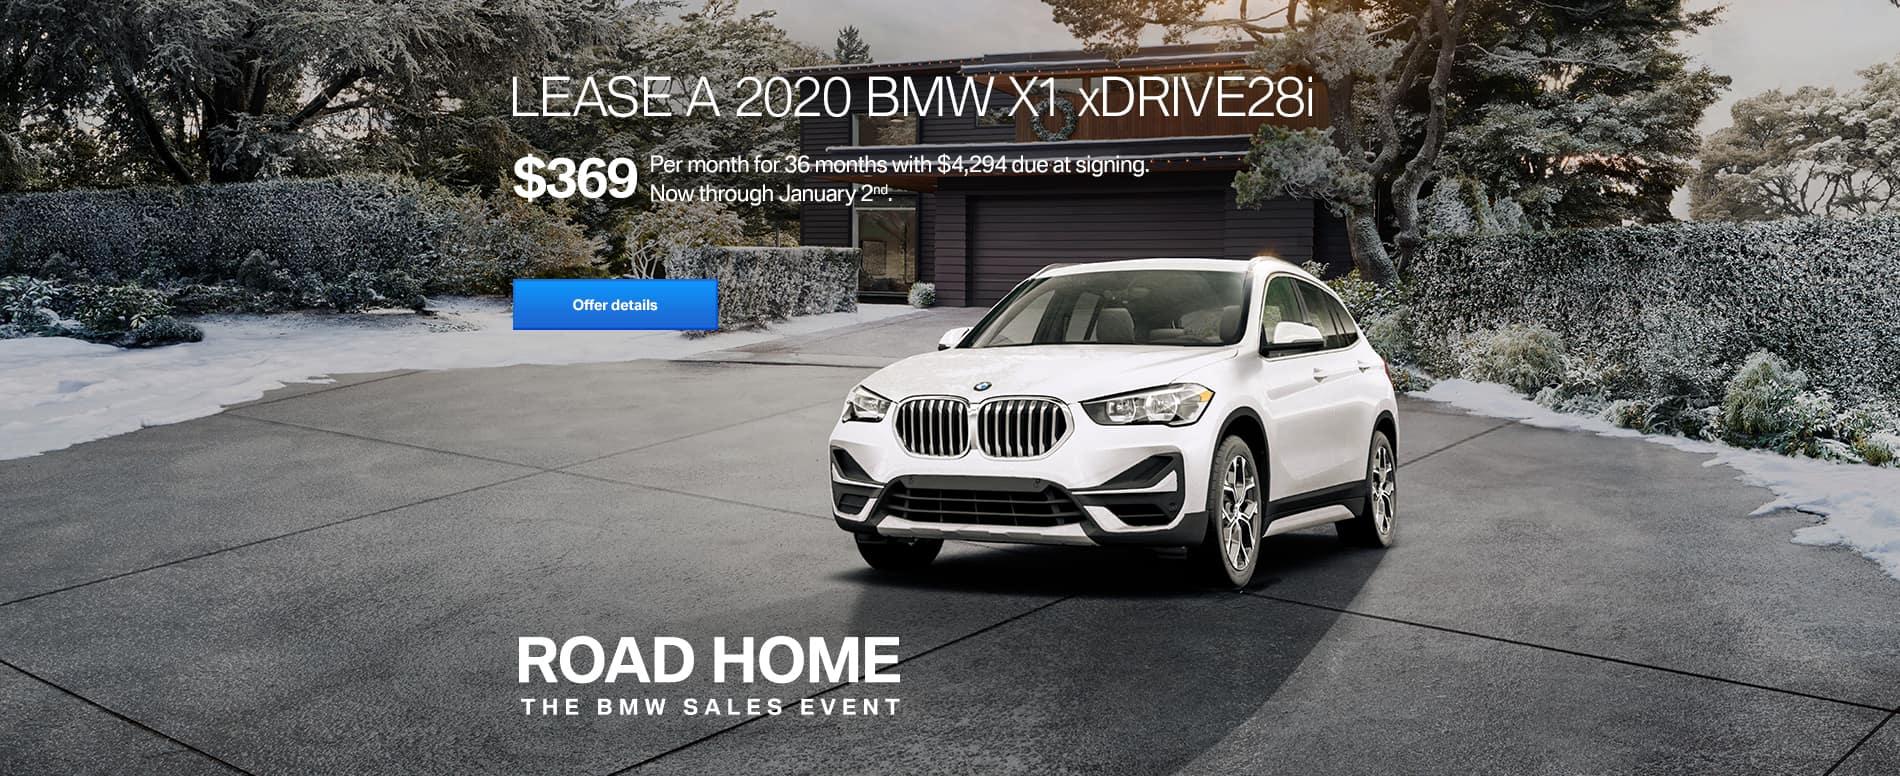 FMA2_DEC_PUSH_2020_BMW_X1_xDrive28i_369_Winter